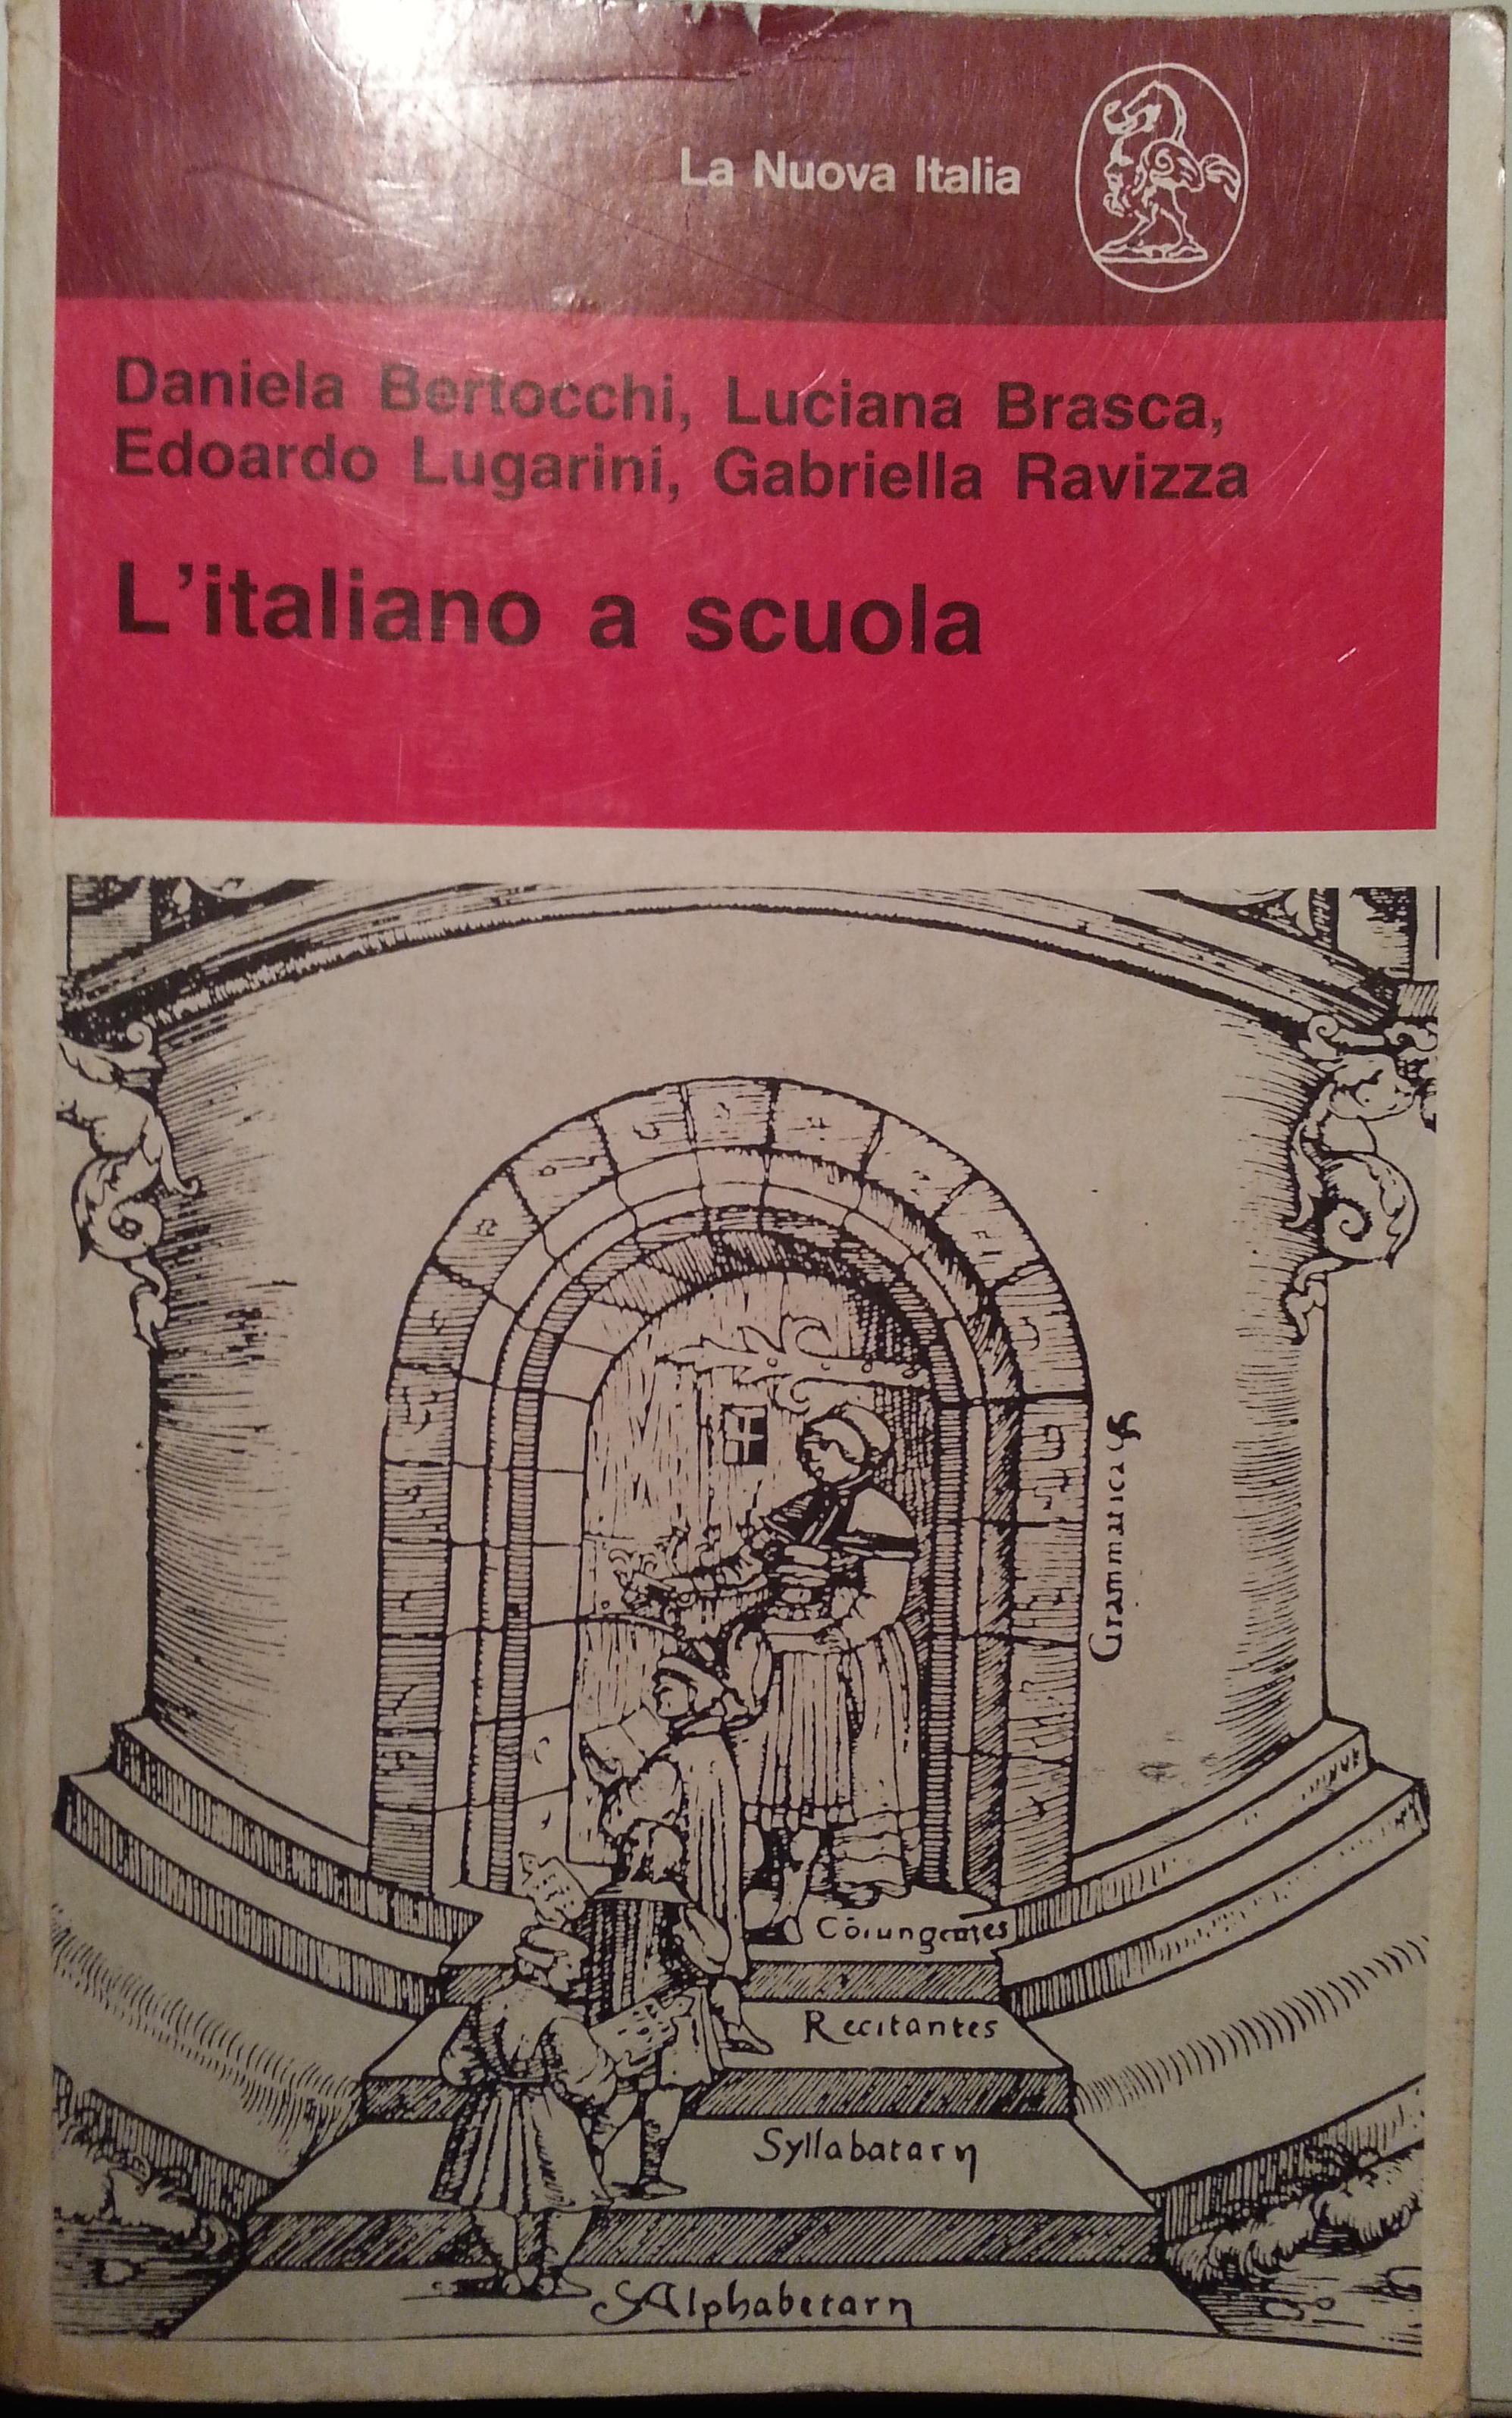 L'Italiano a scuola